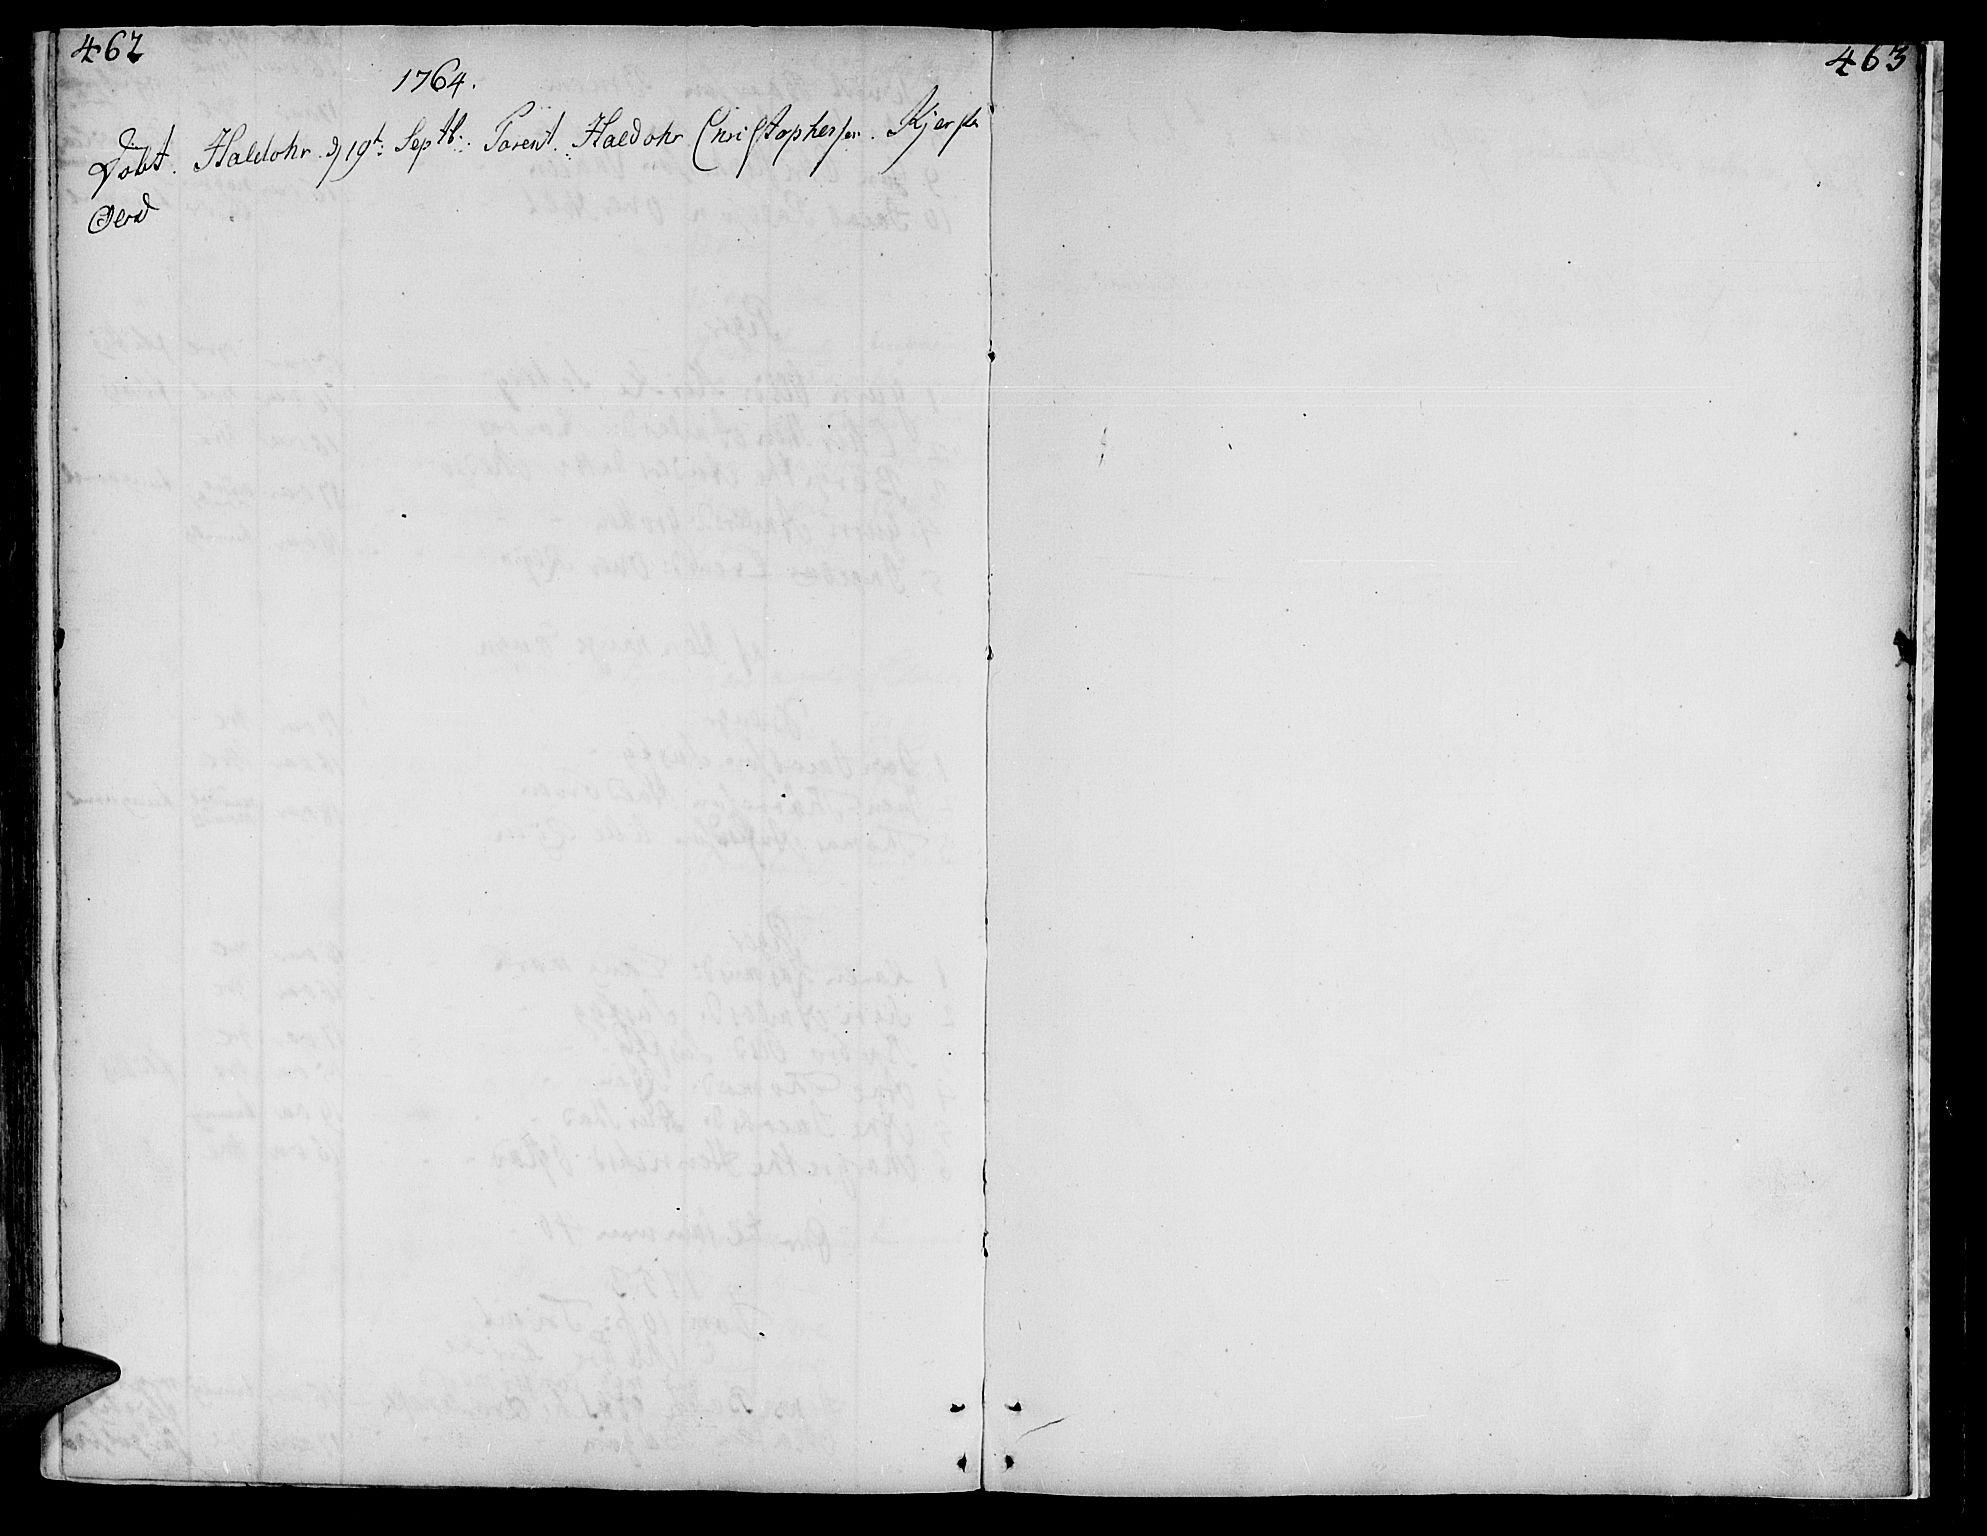 SAT, Ministerialprotokoller, klokkerbøker og fødselsregistre - Nord-Trøndelag, 735/L0330: Ministerialbok nr. 735A01, 1740-1766, s. 462-463